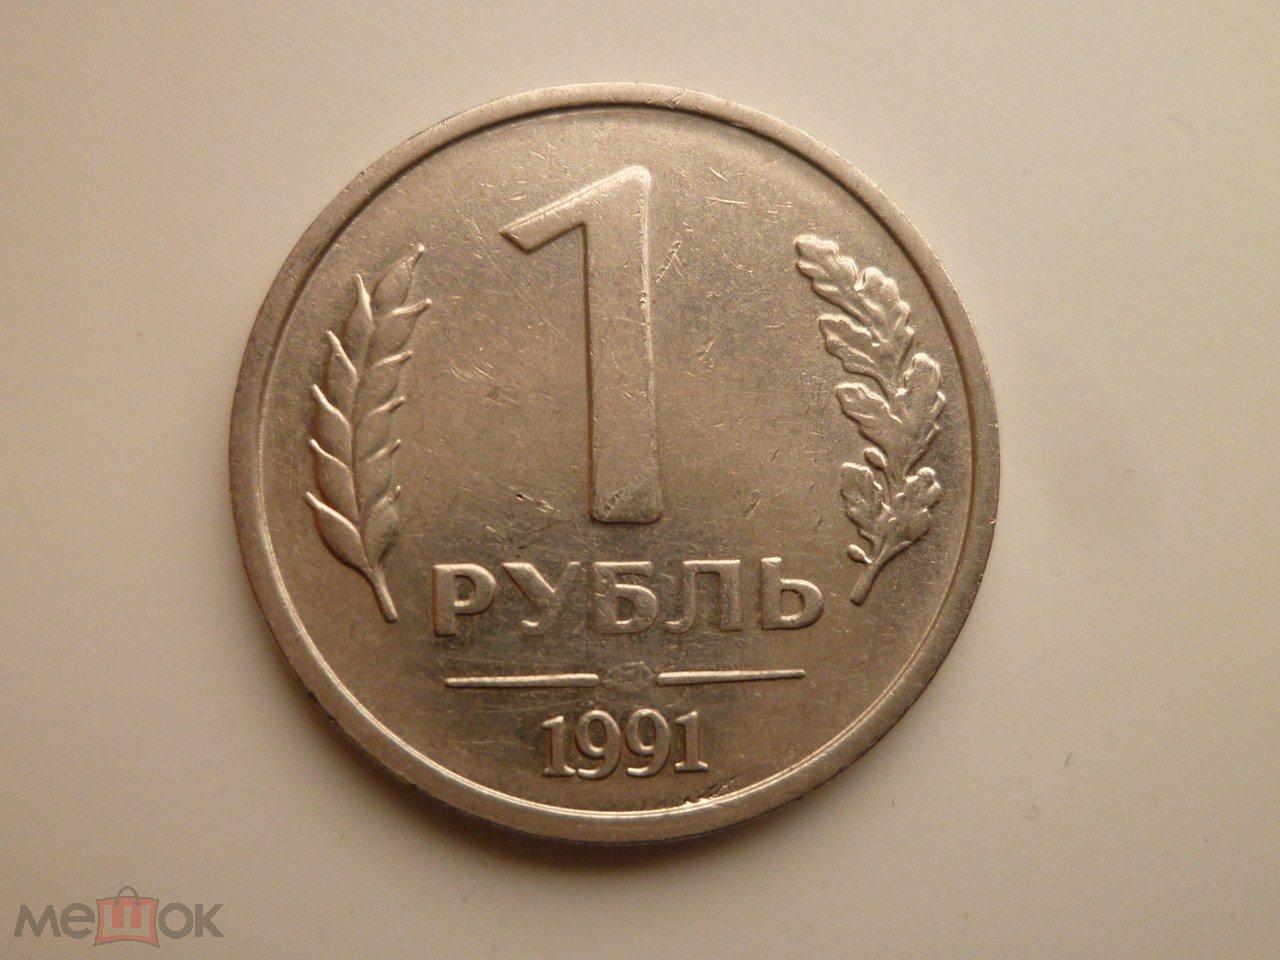 1 рубль 1991 года ЛМД ГКЧП. Отличное состояние! БРАК. Смещение. Непрочекан монетного двора 2818